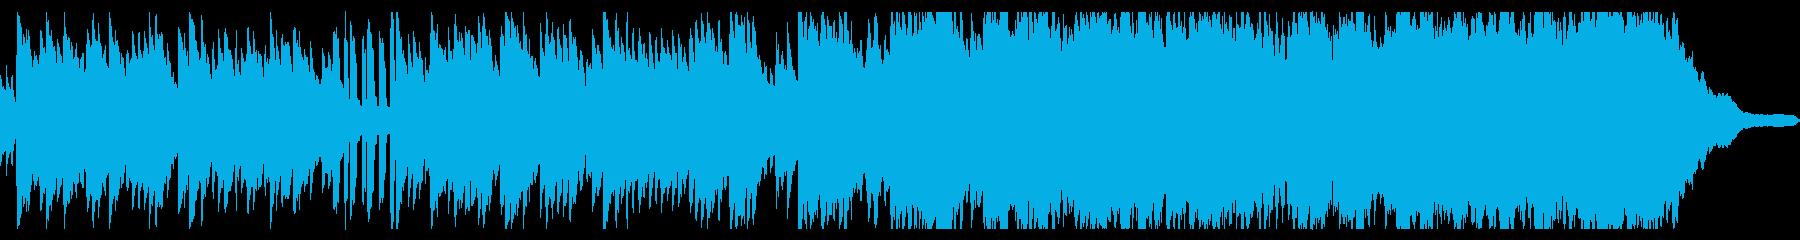 ベルとピアノのノスタルジックな曲の再生済みの波形